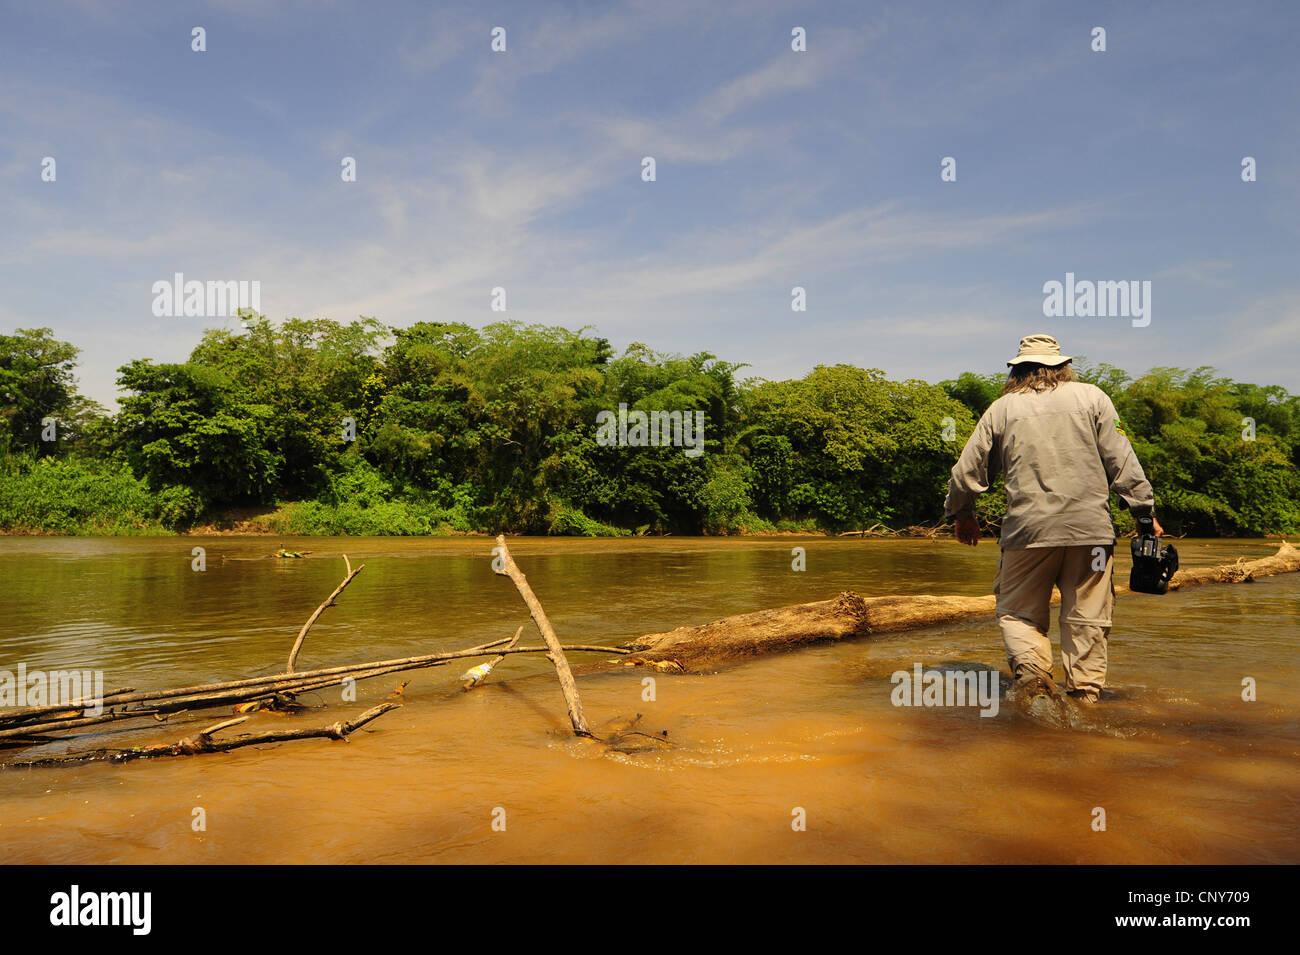 ein Spaziergang durch das Wasser am Ufer eines Flusses durch den tropischen Regenwald, Honduras, La Mosquitia, Las Stockfoto